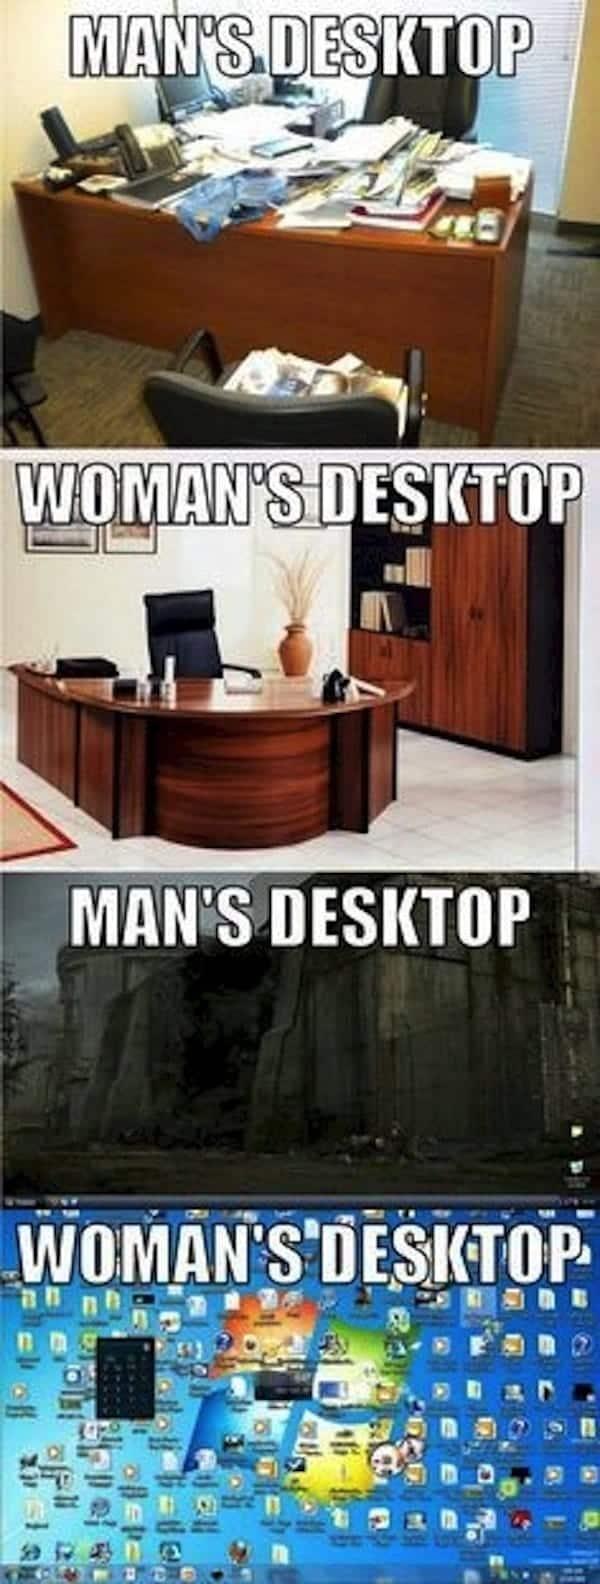 genders-desktop